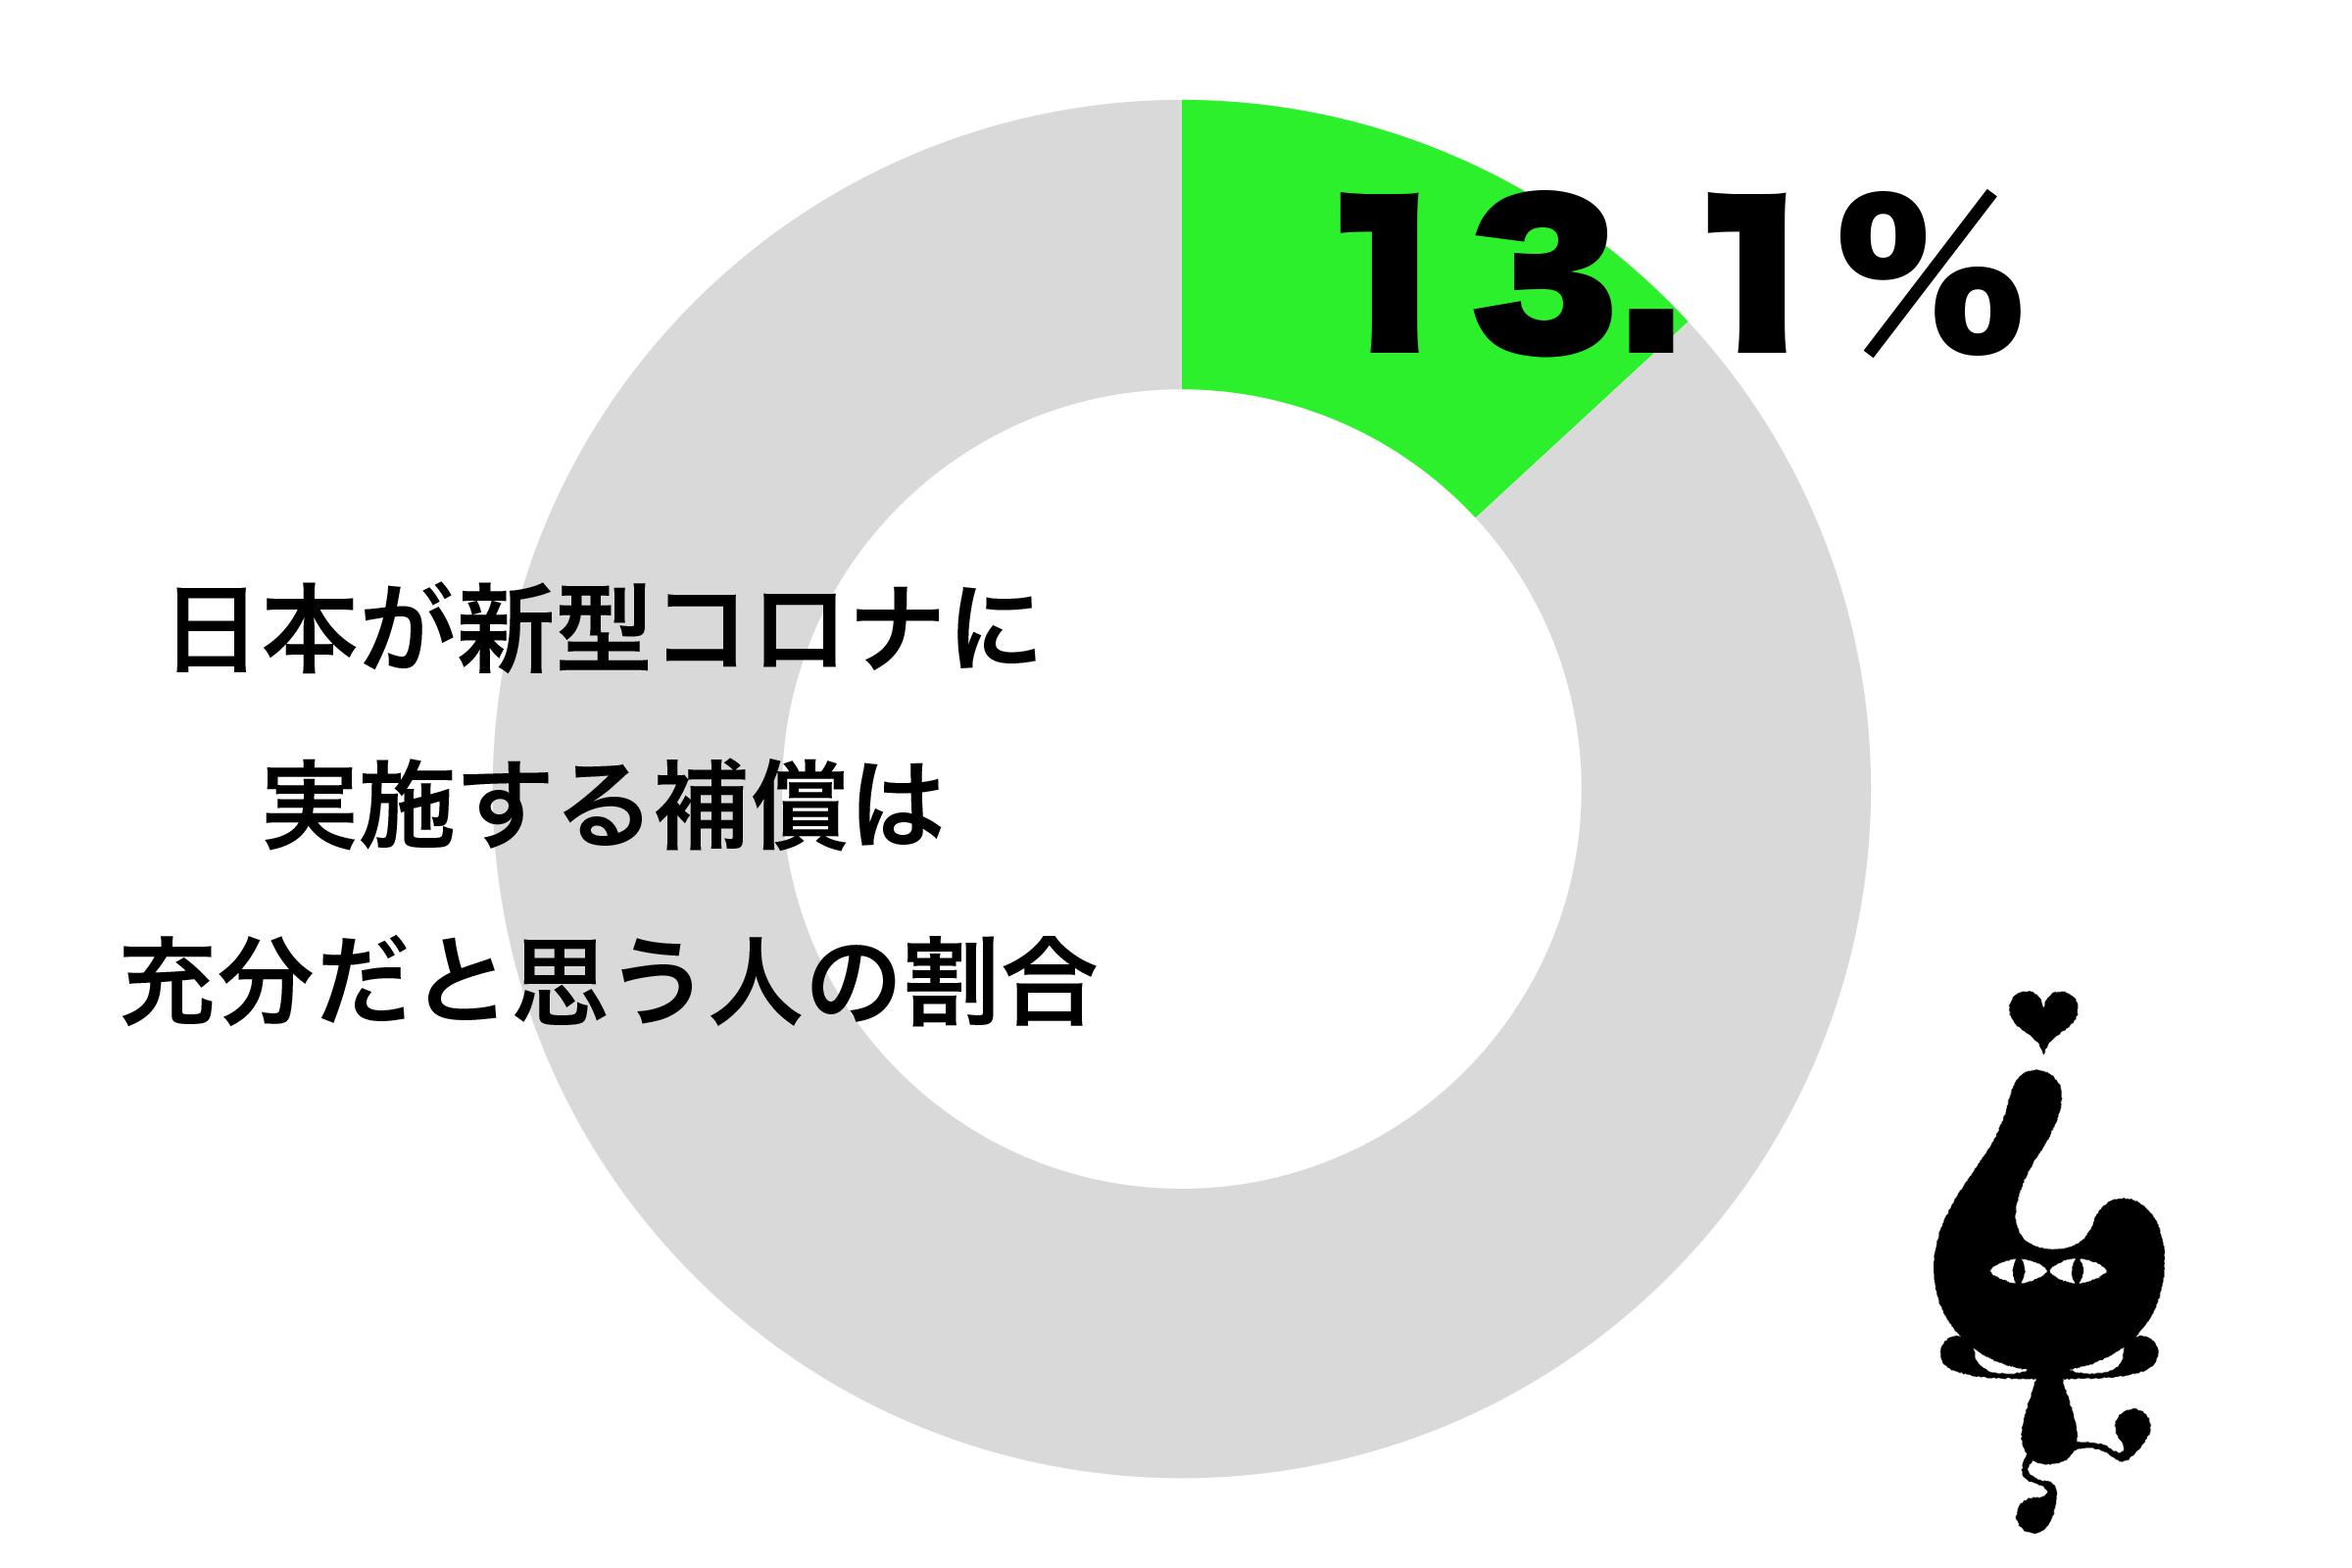 日本が新型コロナウイルスに対して実施する補償は充分だと思う